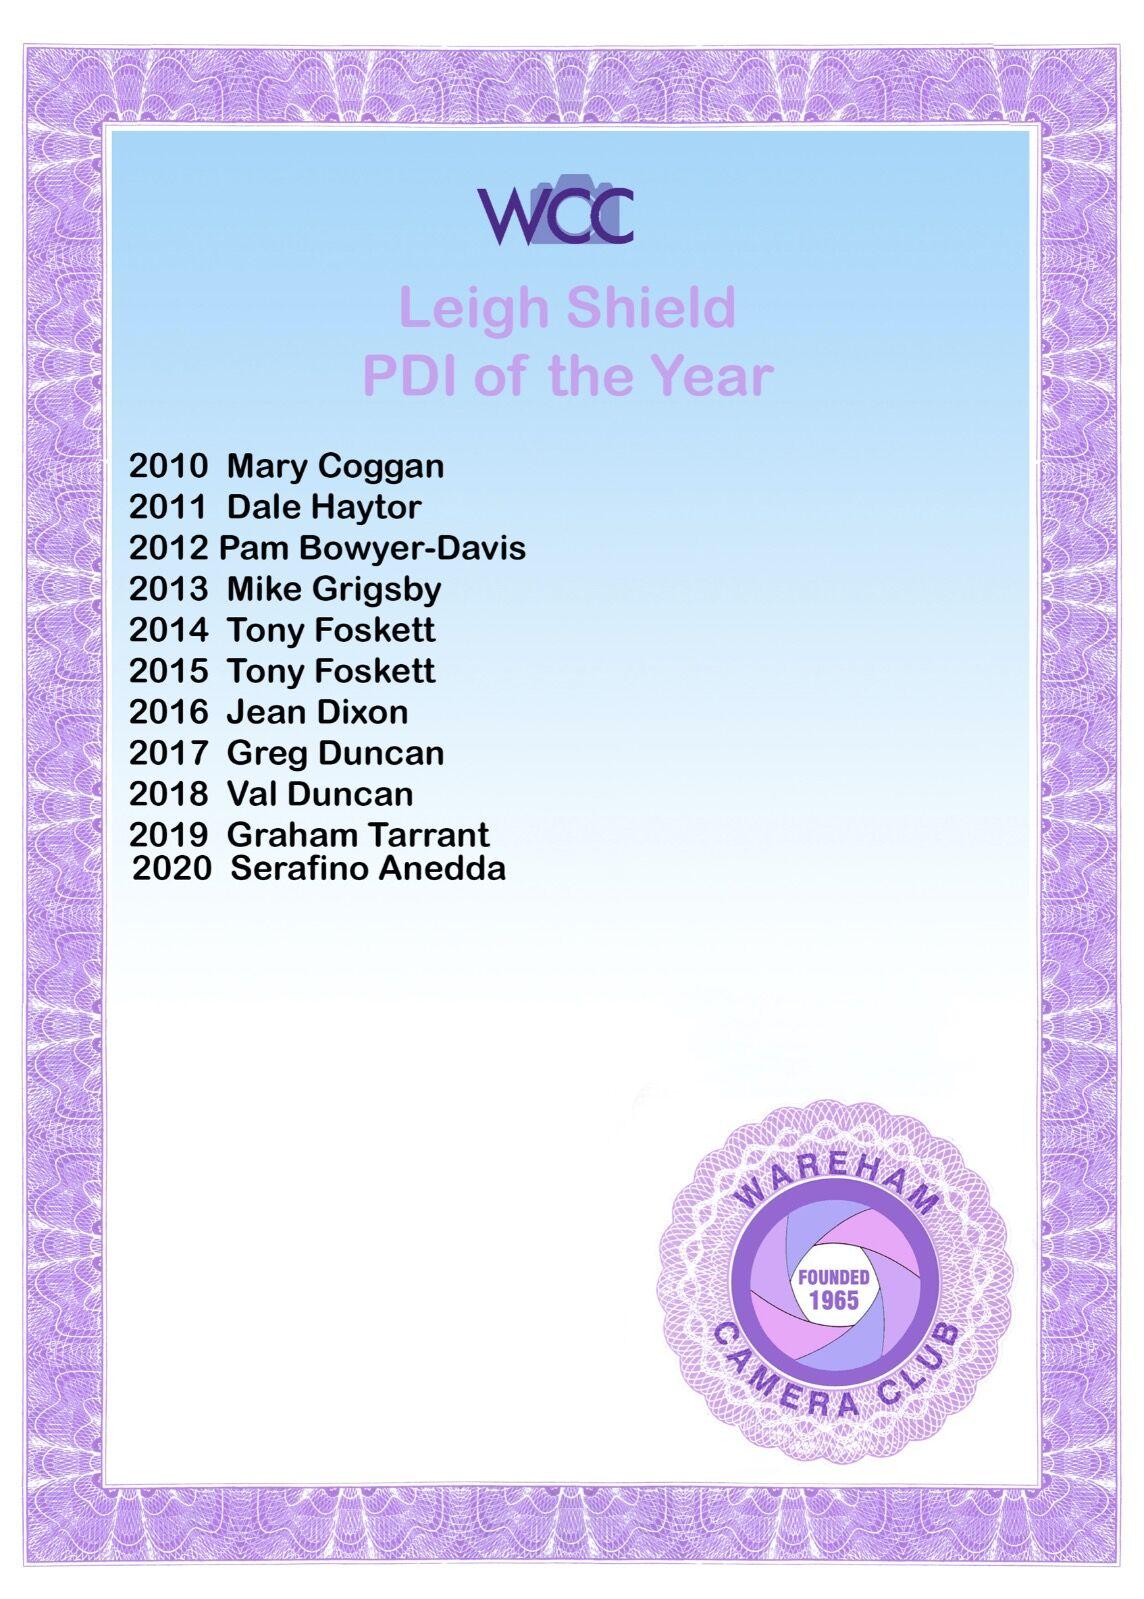 Leigh Shield